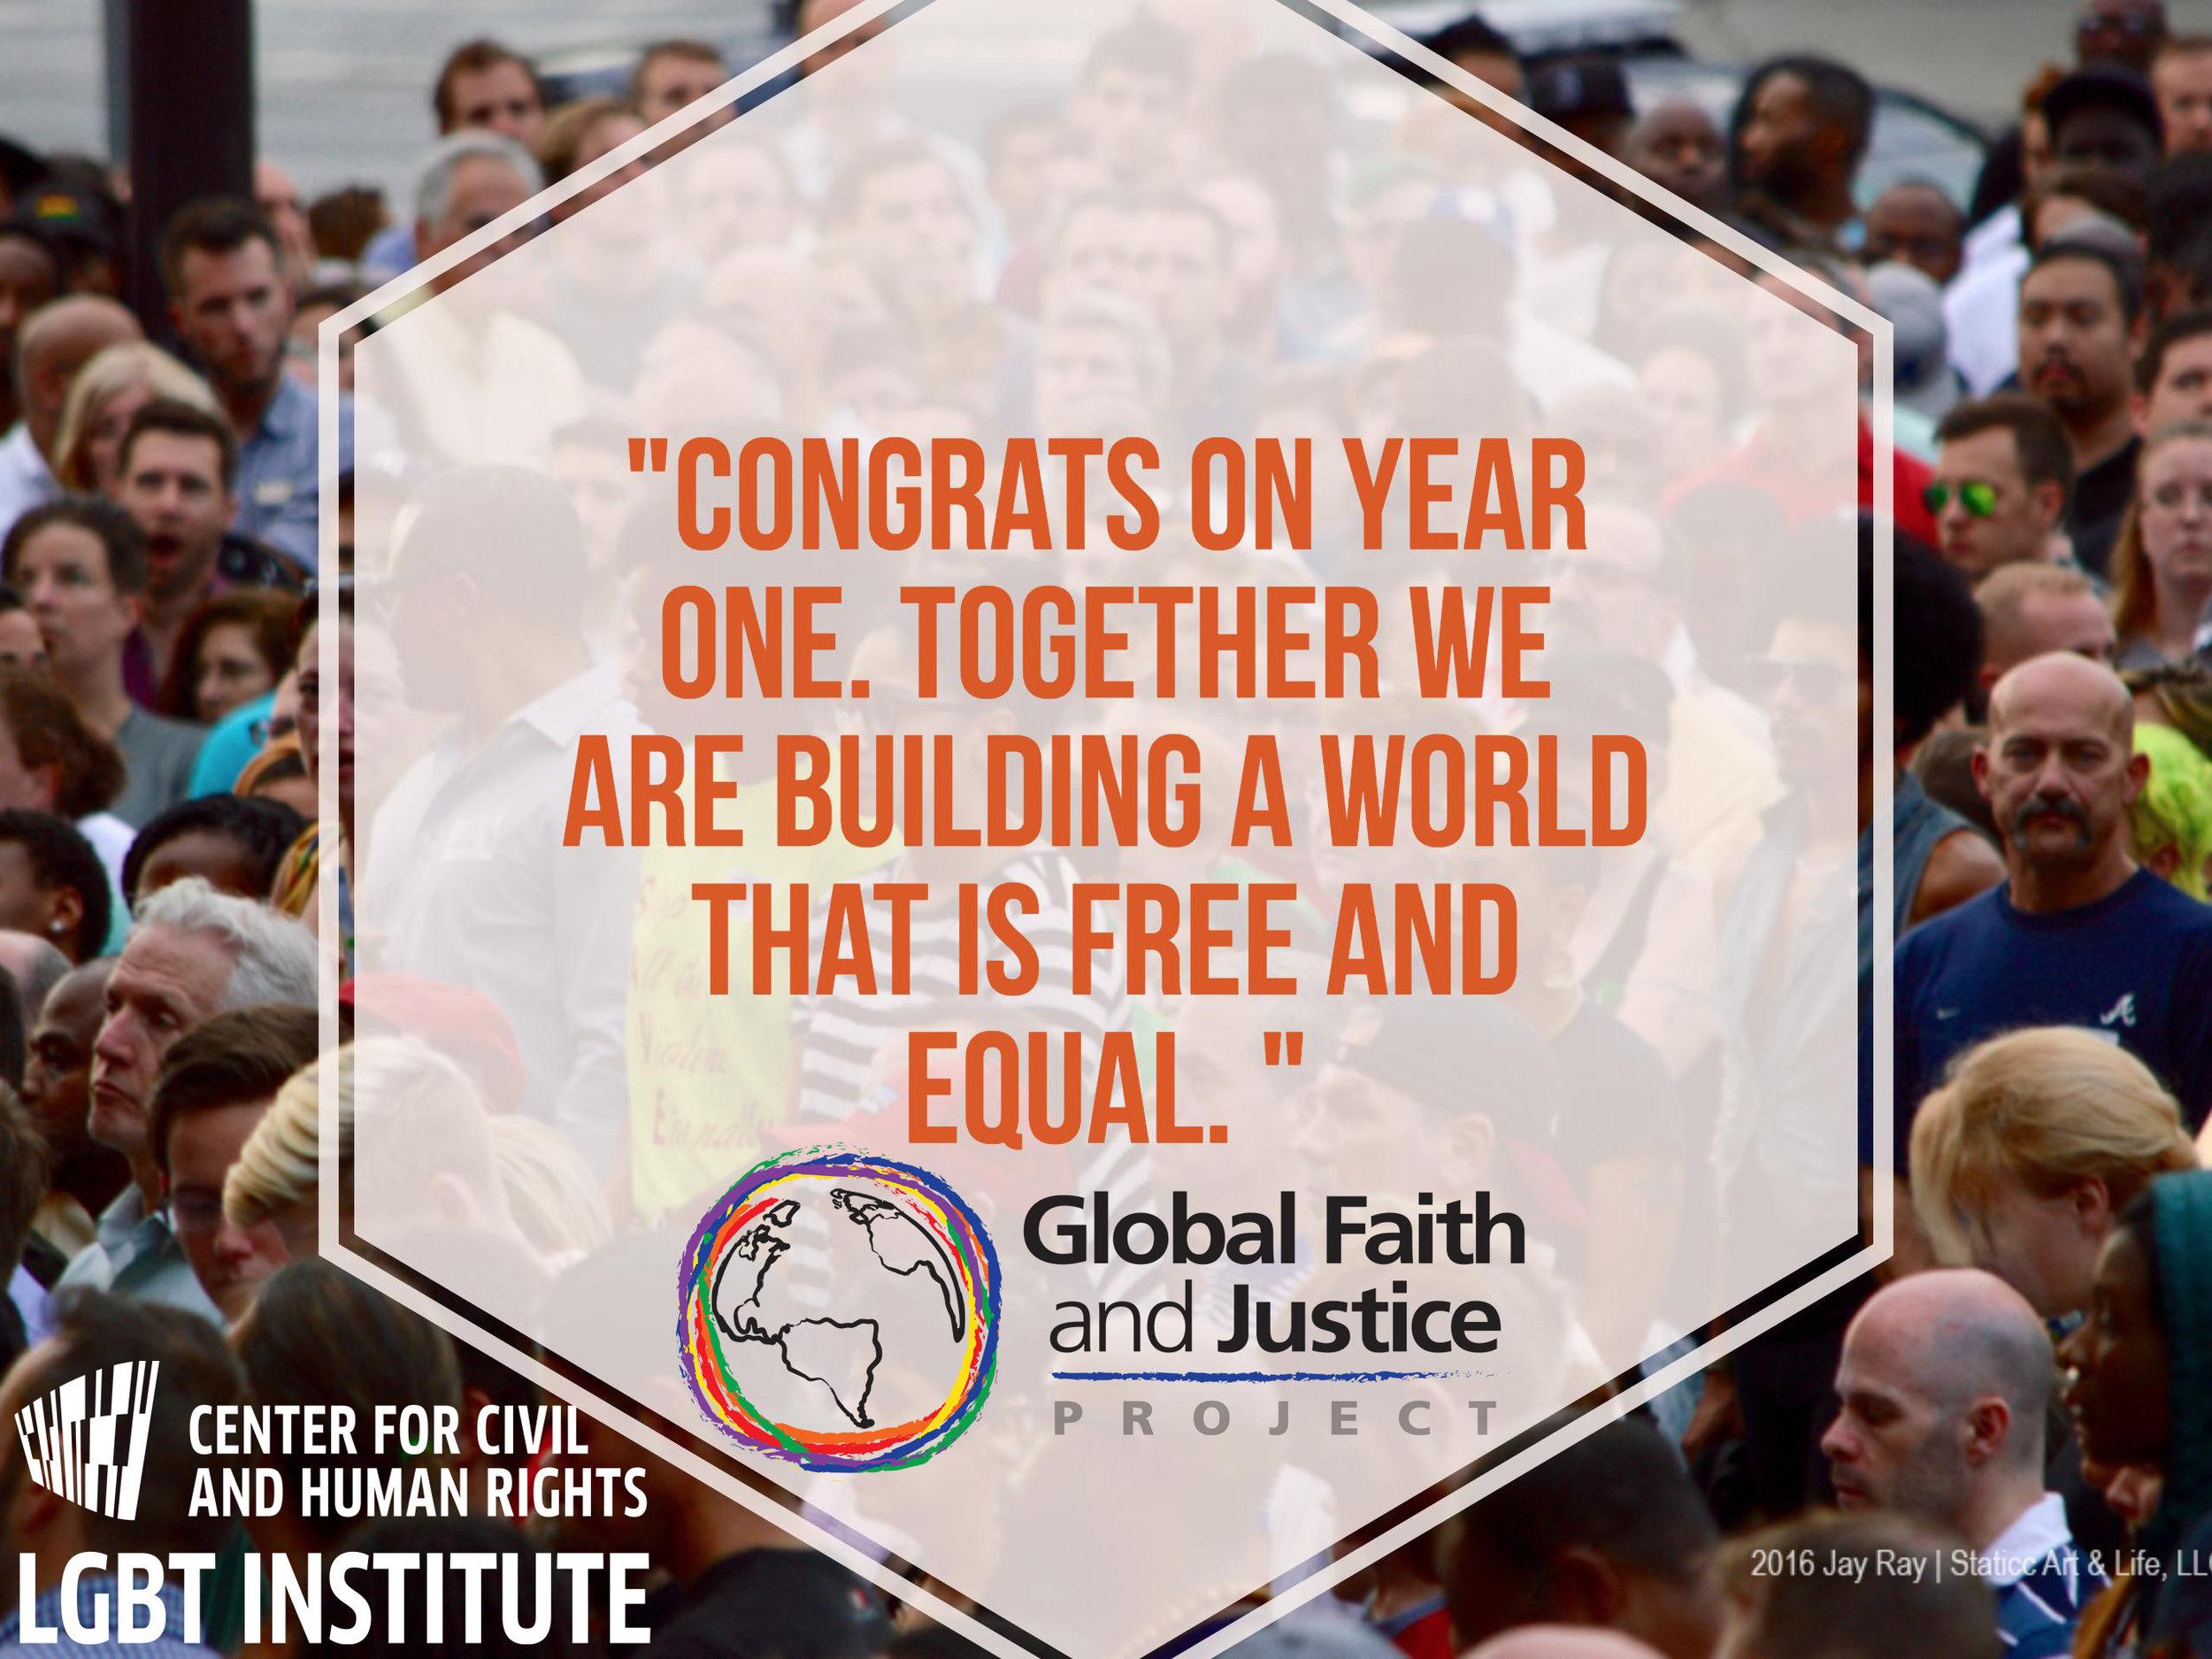 Global_Faith_Justice.jpg